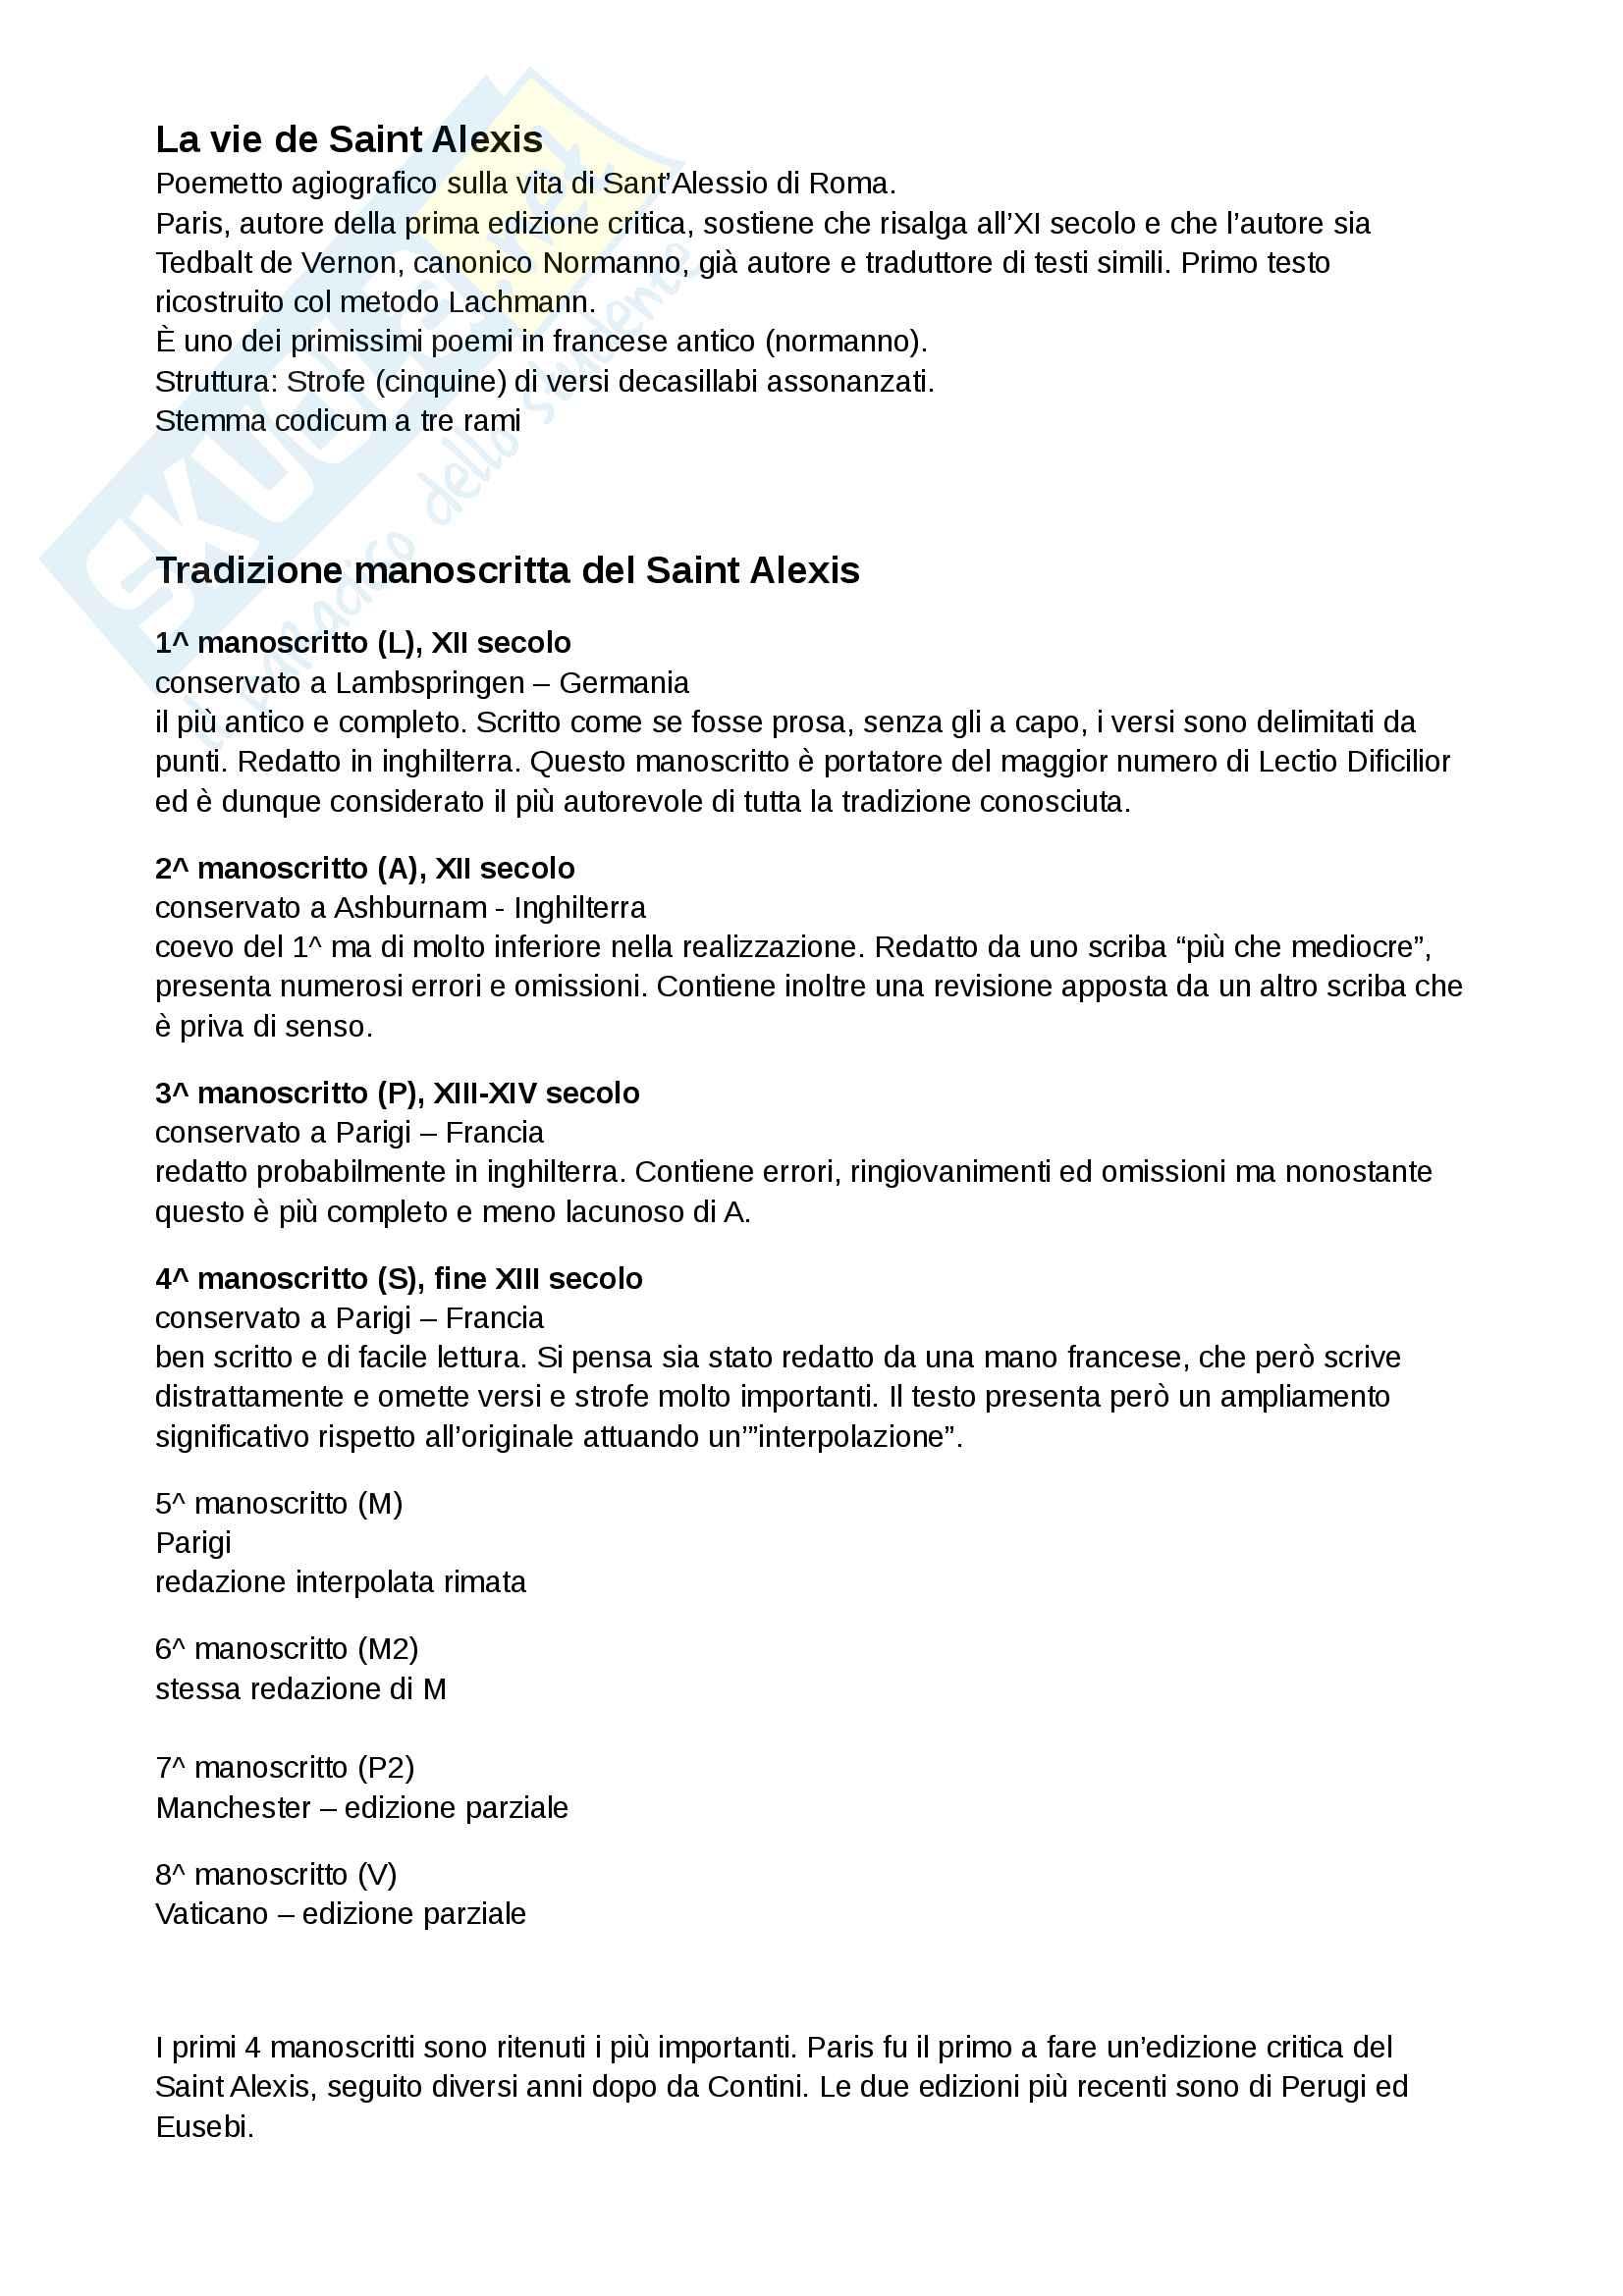 Saint Alexis - tradizione manoscritta, analisi metrica, analisi linguistica, diffrazione in assenza